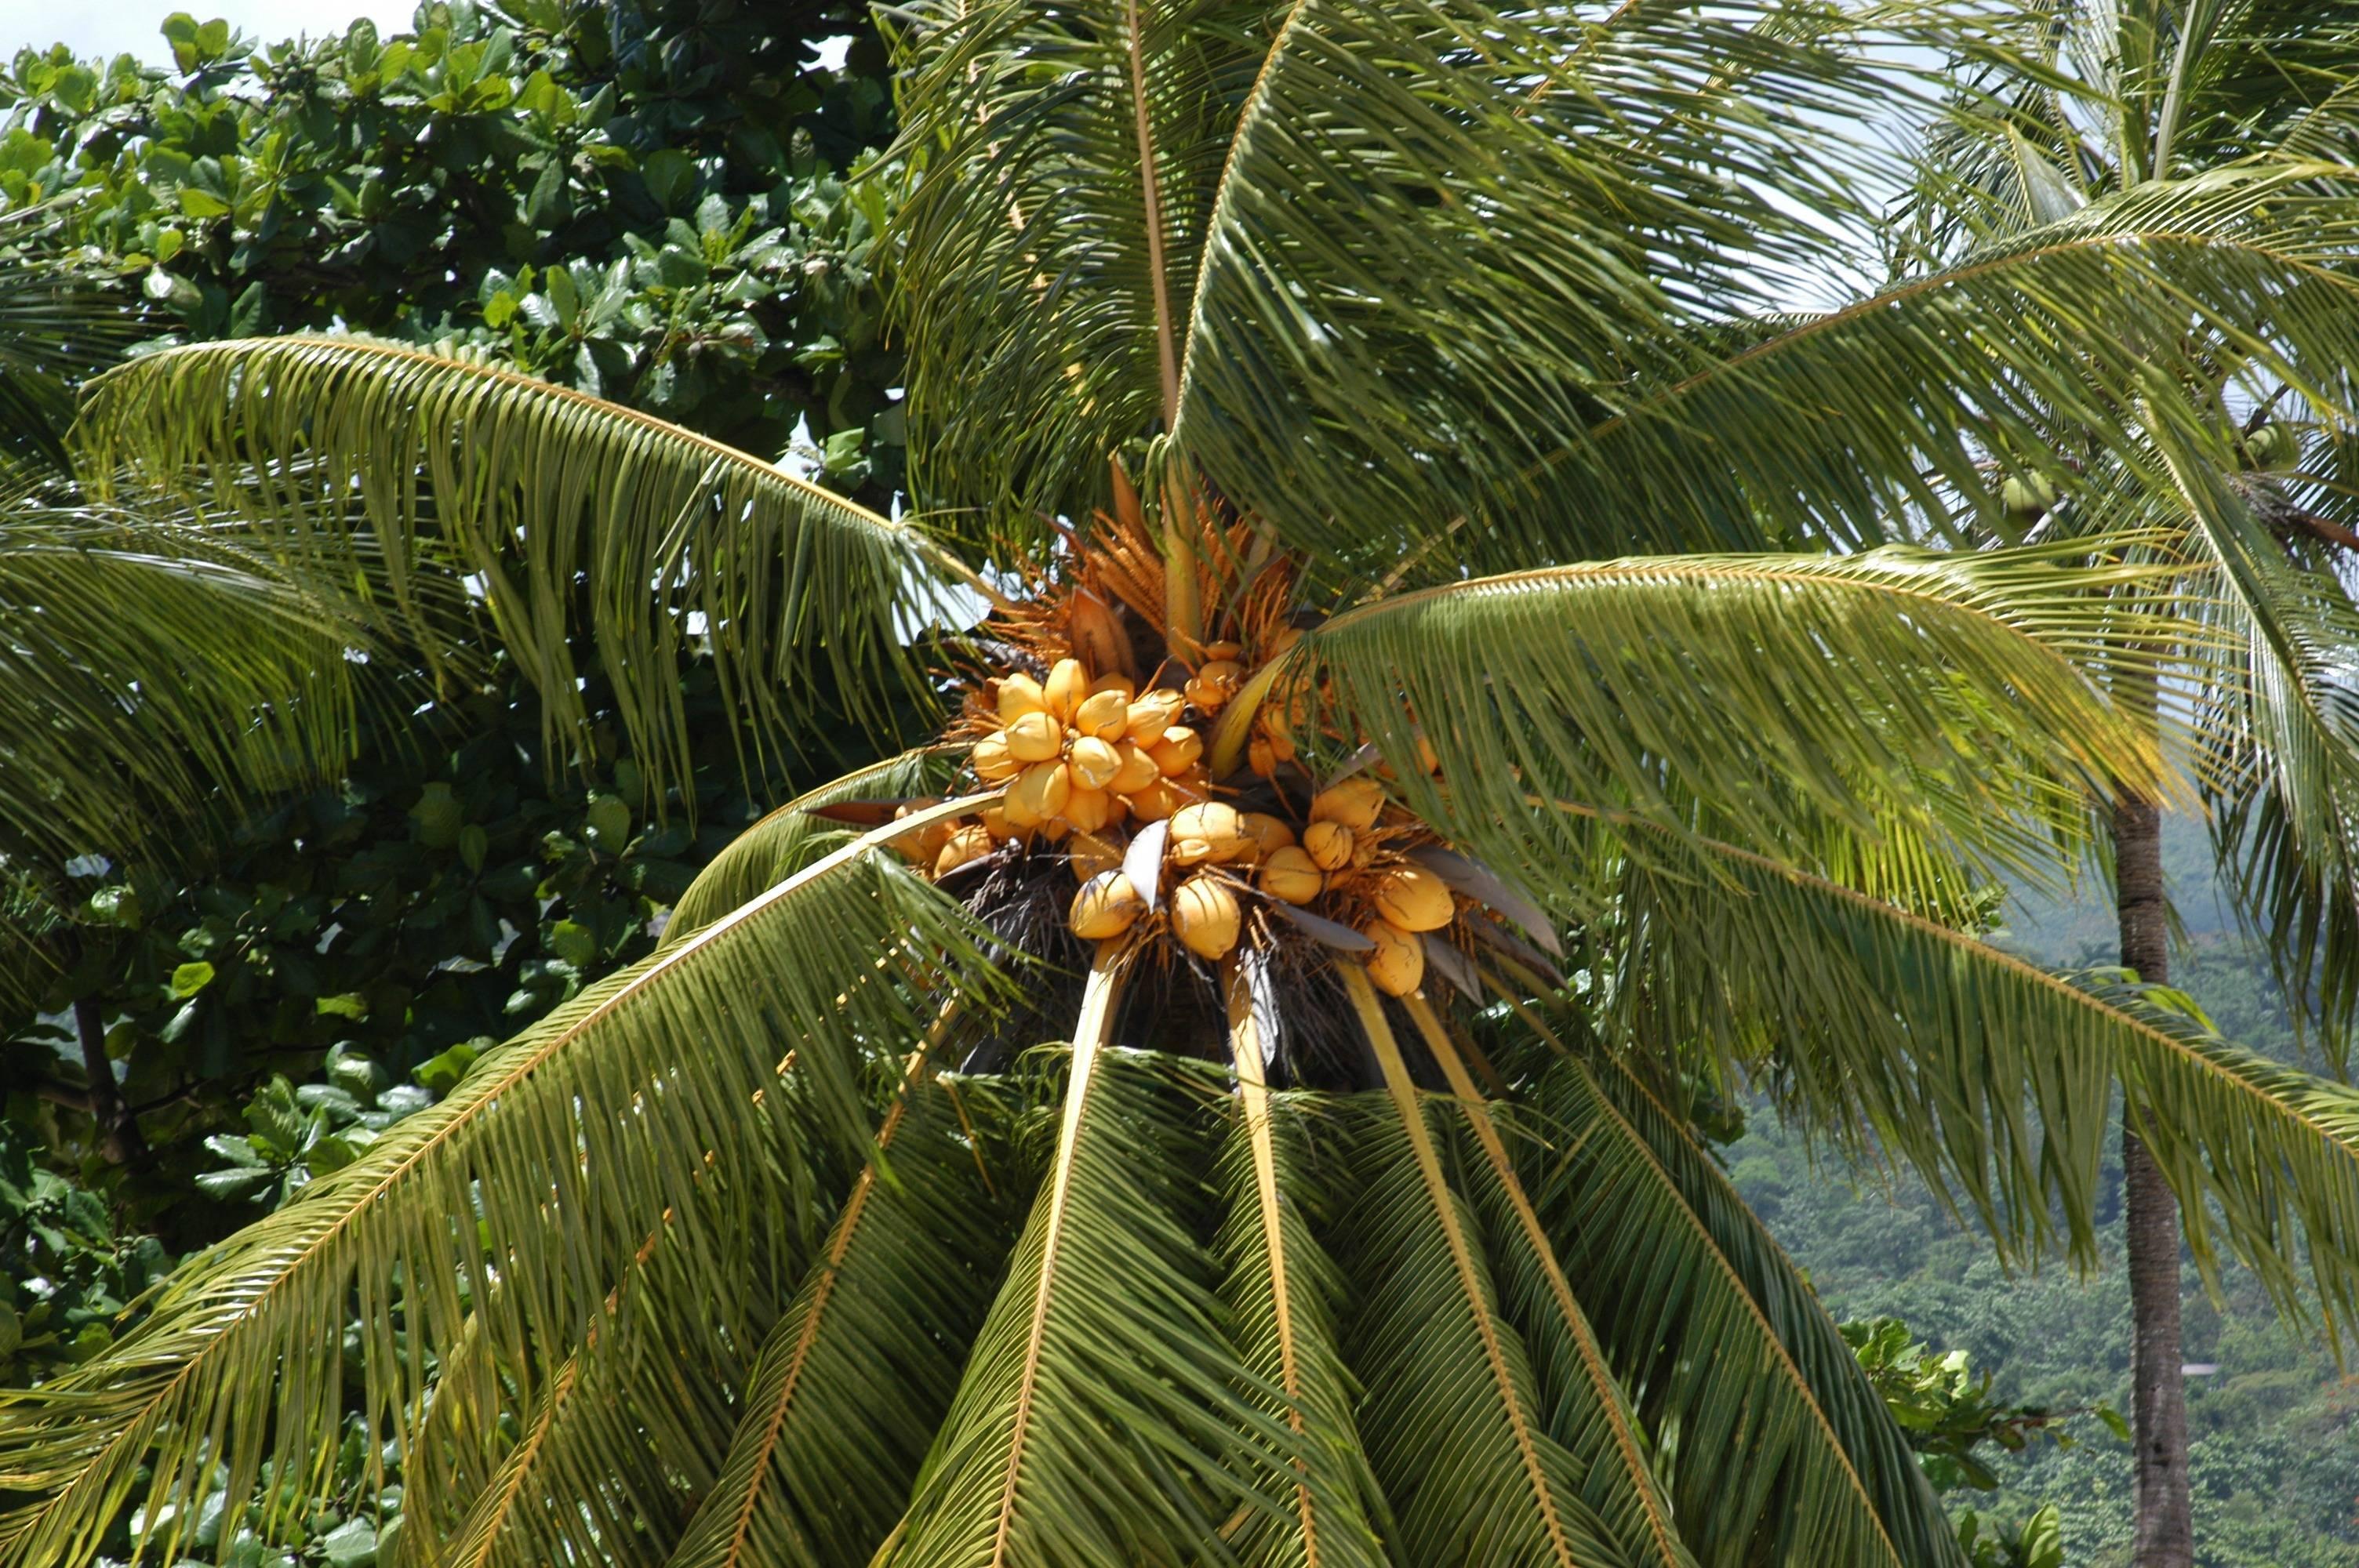 Пальма: что это за растение, что представляют собой плоды и листья такого дерева, где и сколько растет, а также как выглядит на фото версия в виде цветка?